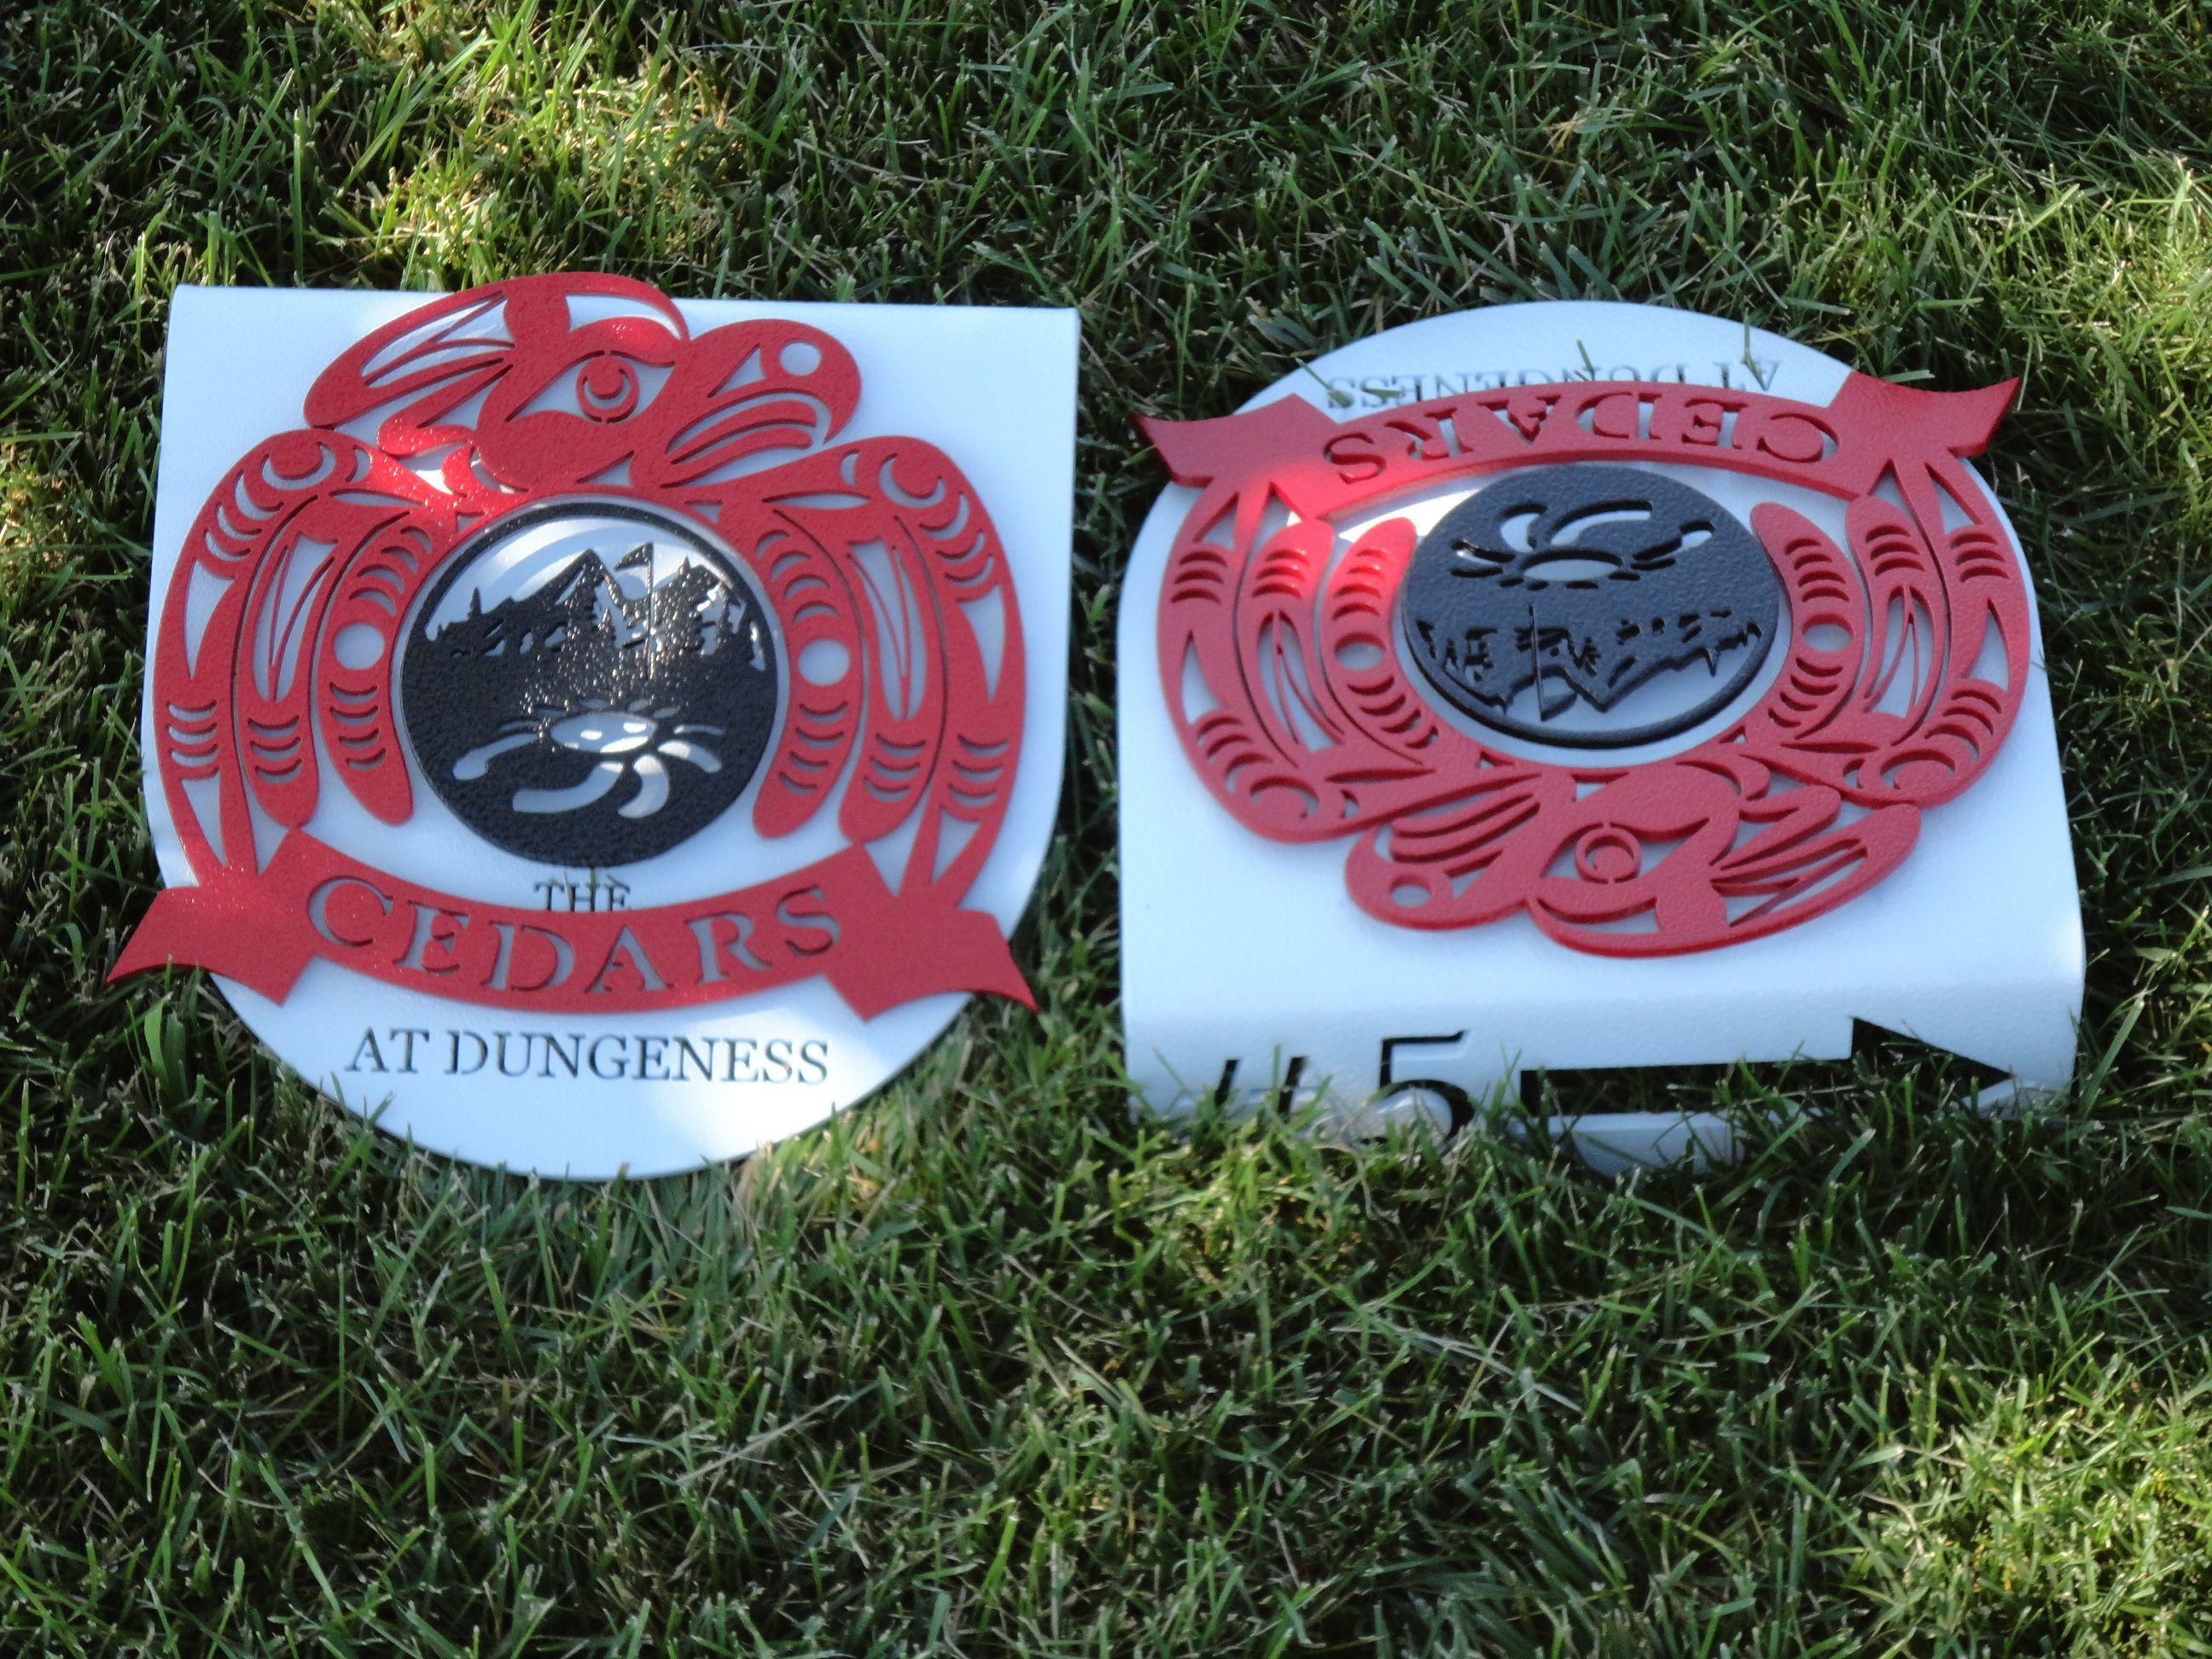 17++ Cedars at dungeness golf info